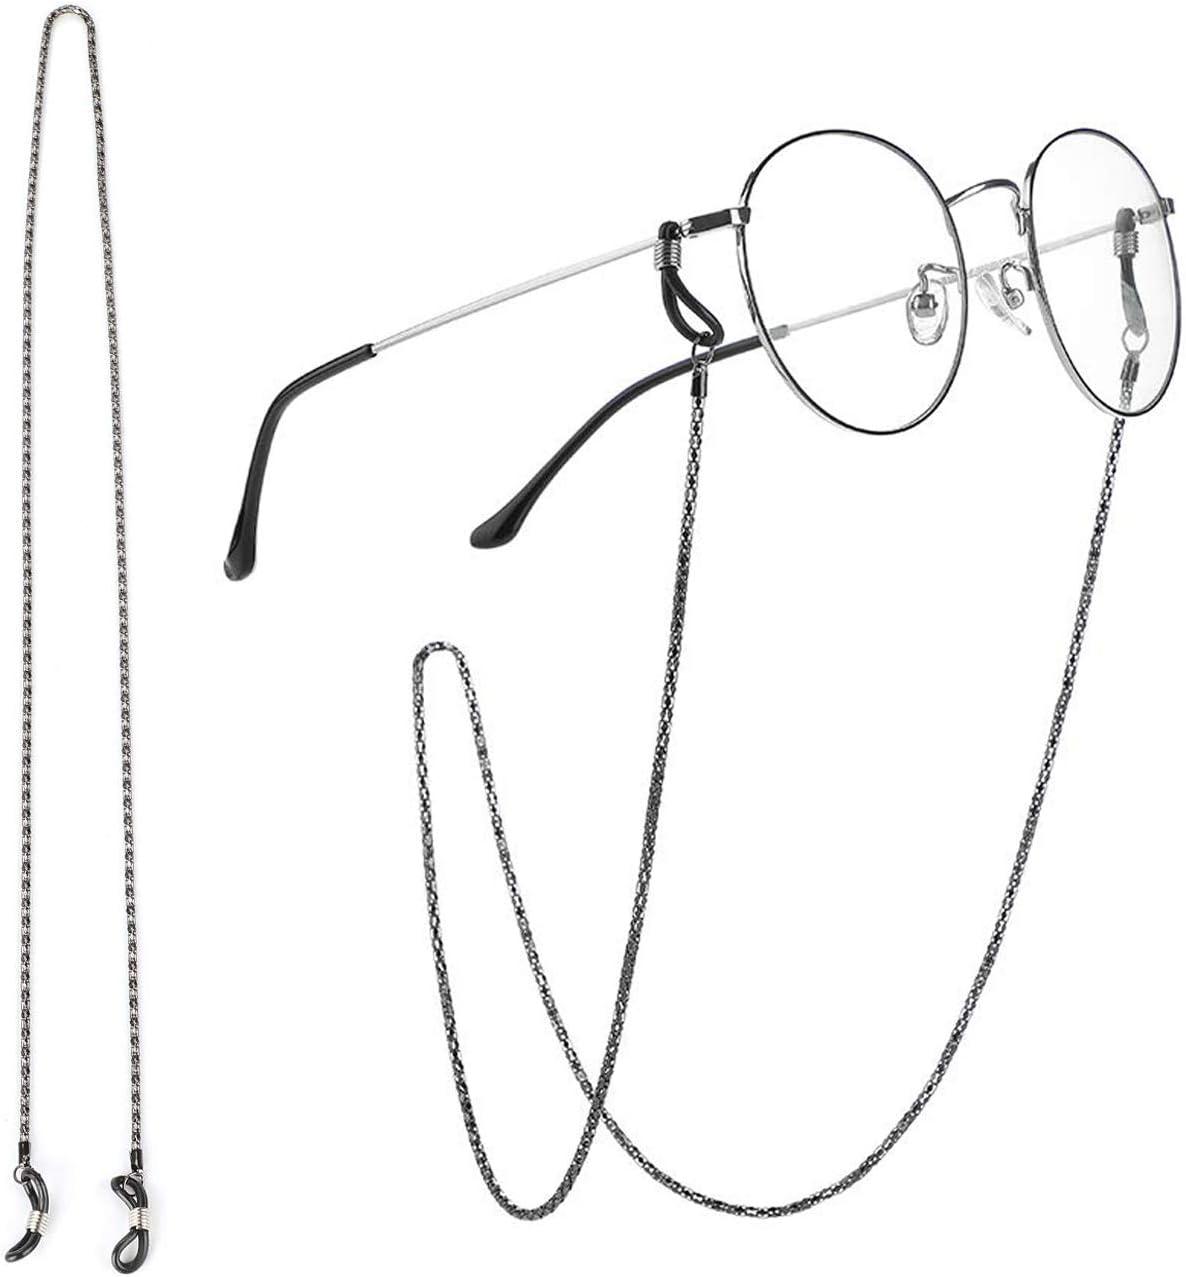 Brillenkette Brillenketten Brillen Cord Brillenband Edelstahl Retro Brillen Sonnebrillen Lesebrille Cords Silber Schwarz Gold